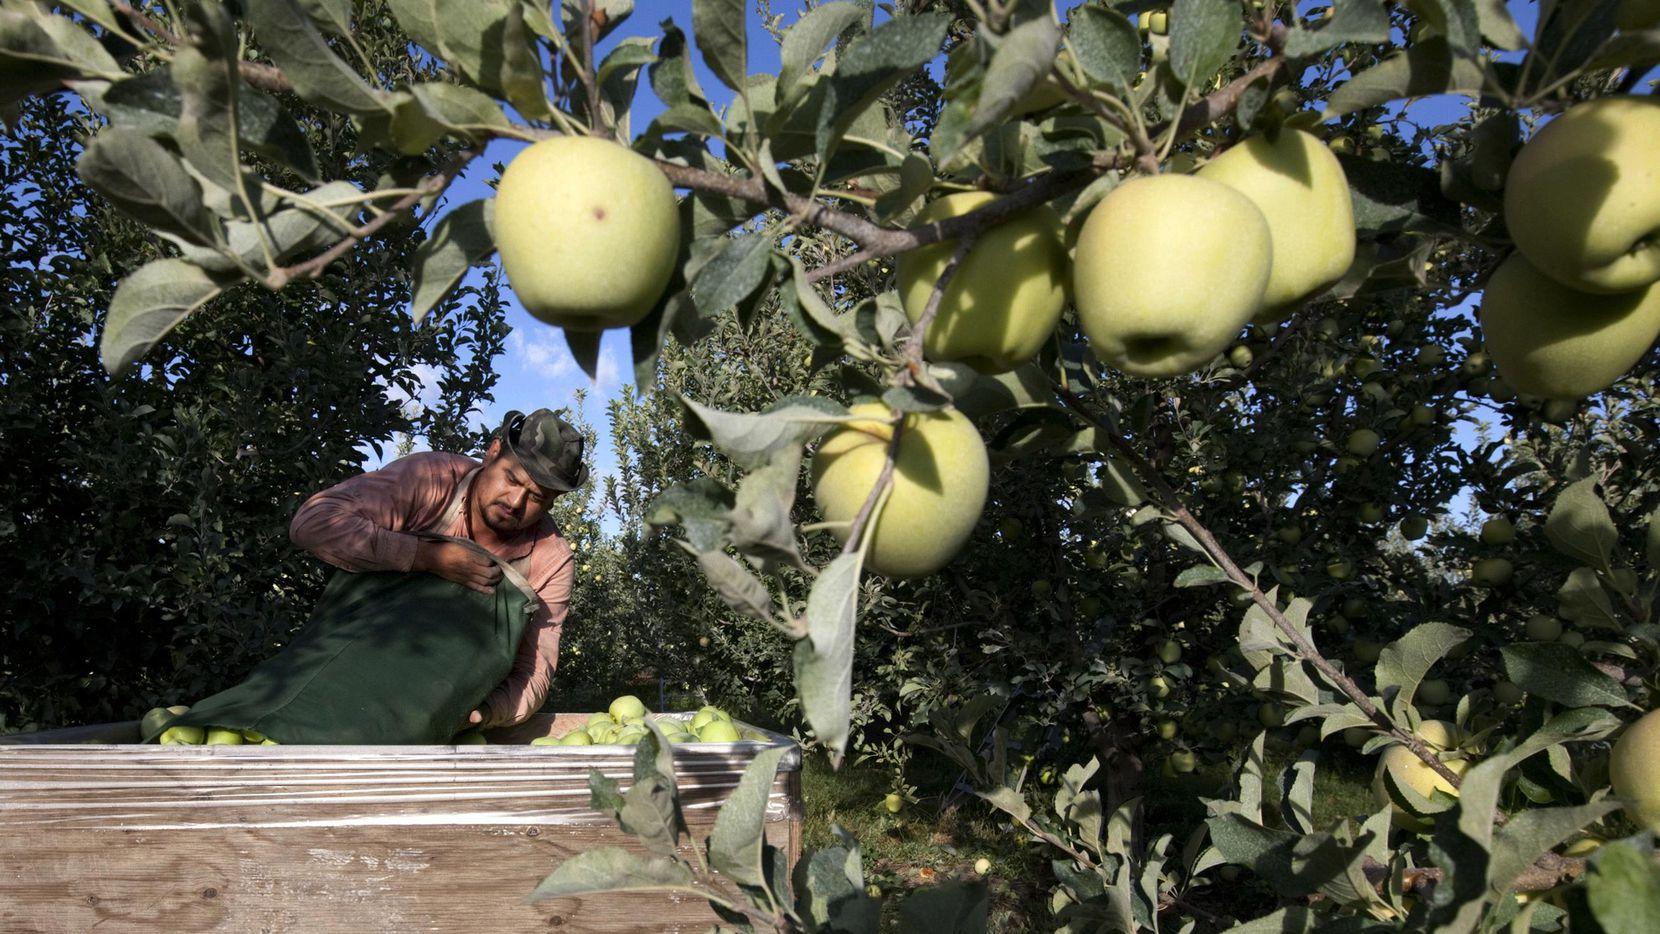 Sergio García vacía una bolsa de manzanas que acaba de recoger en una granja de Wapato, Washington. (AP/GORDON KING)